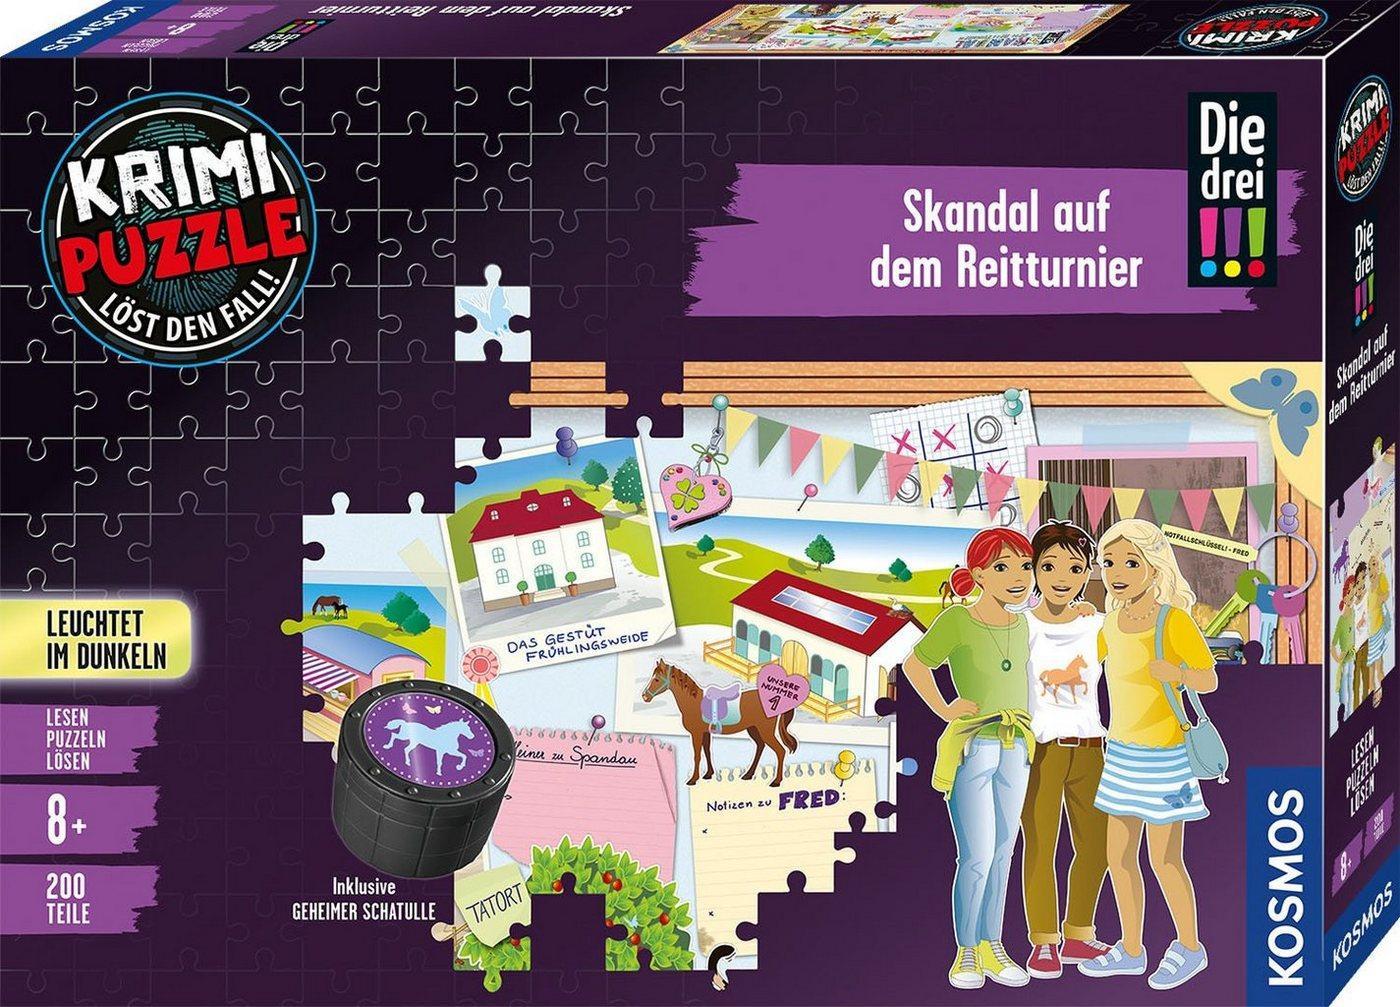 Kosmos Puzzle »Krimipuzzle Die drei !!! Skandal auf dem Reitturnier«, 200 Puzzleteile, Made in Germany